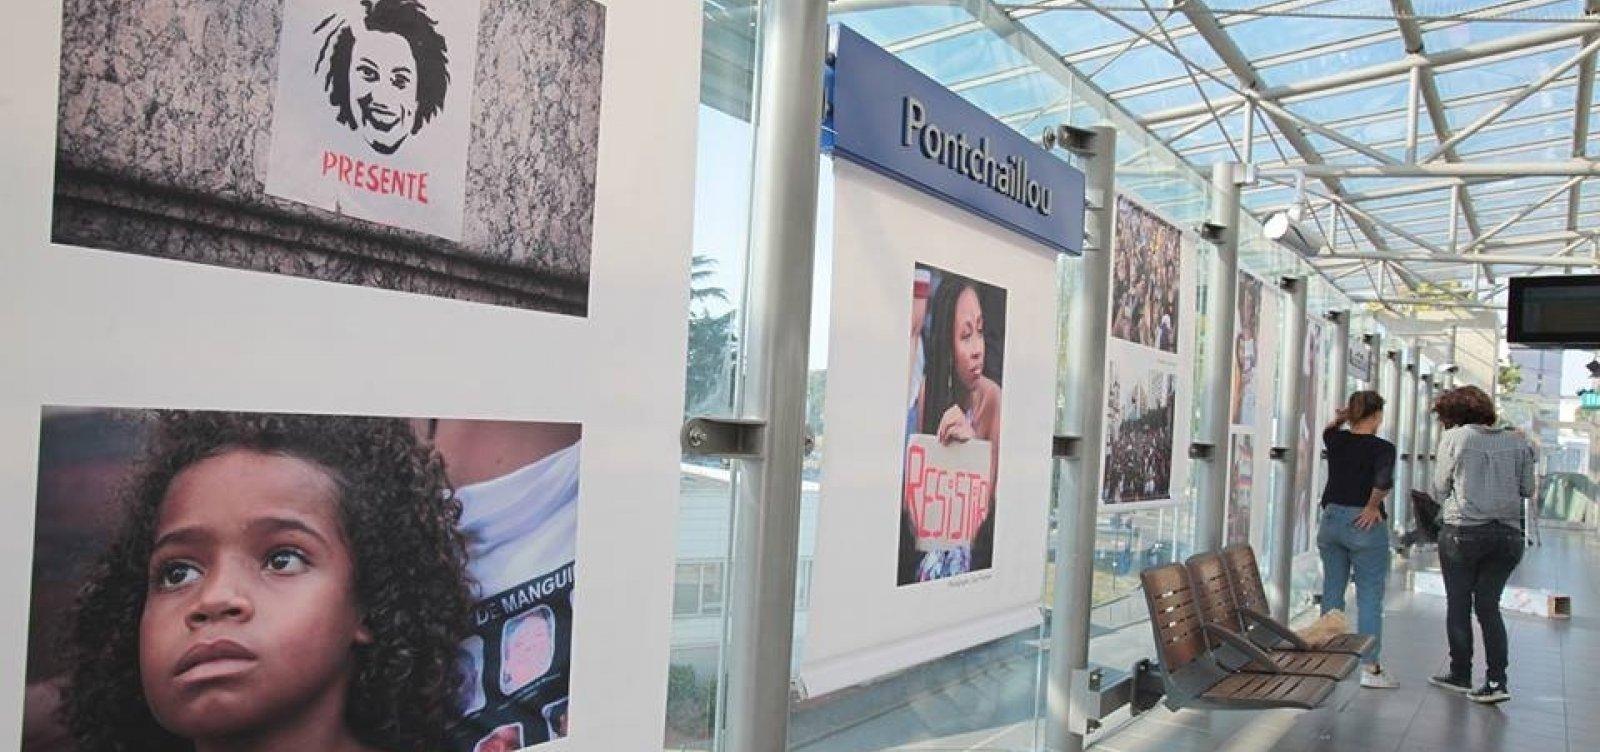 [Fotos do velório de Marielle são expostas em estação de metrô na França]